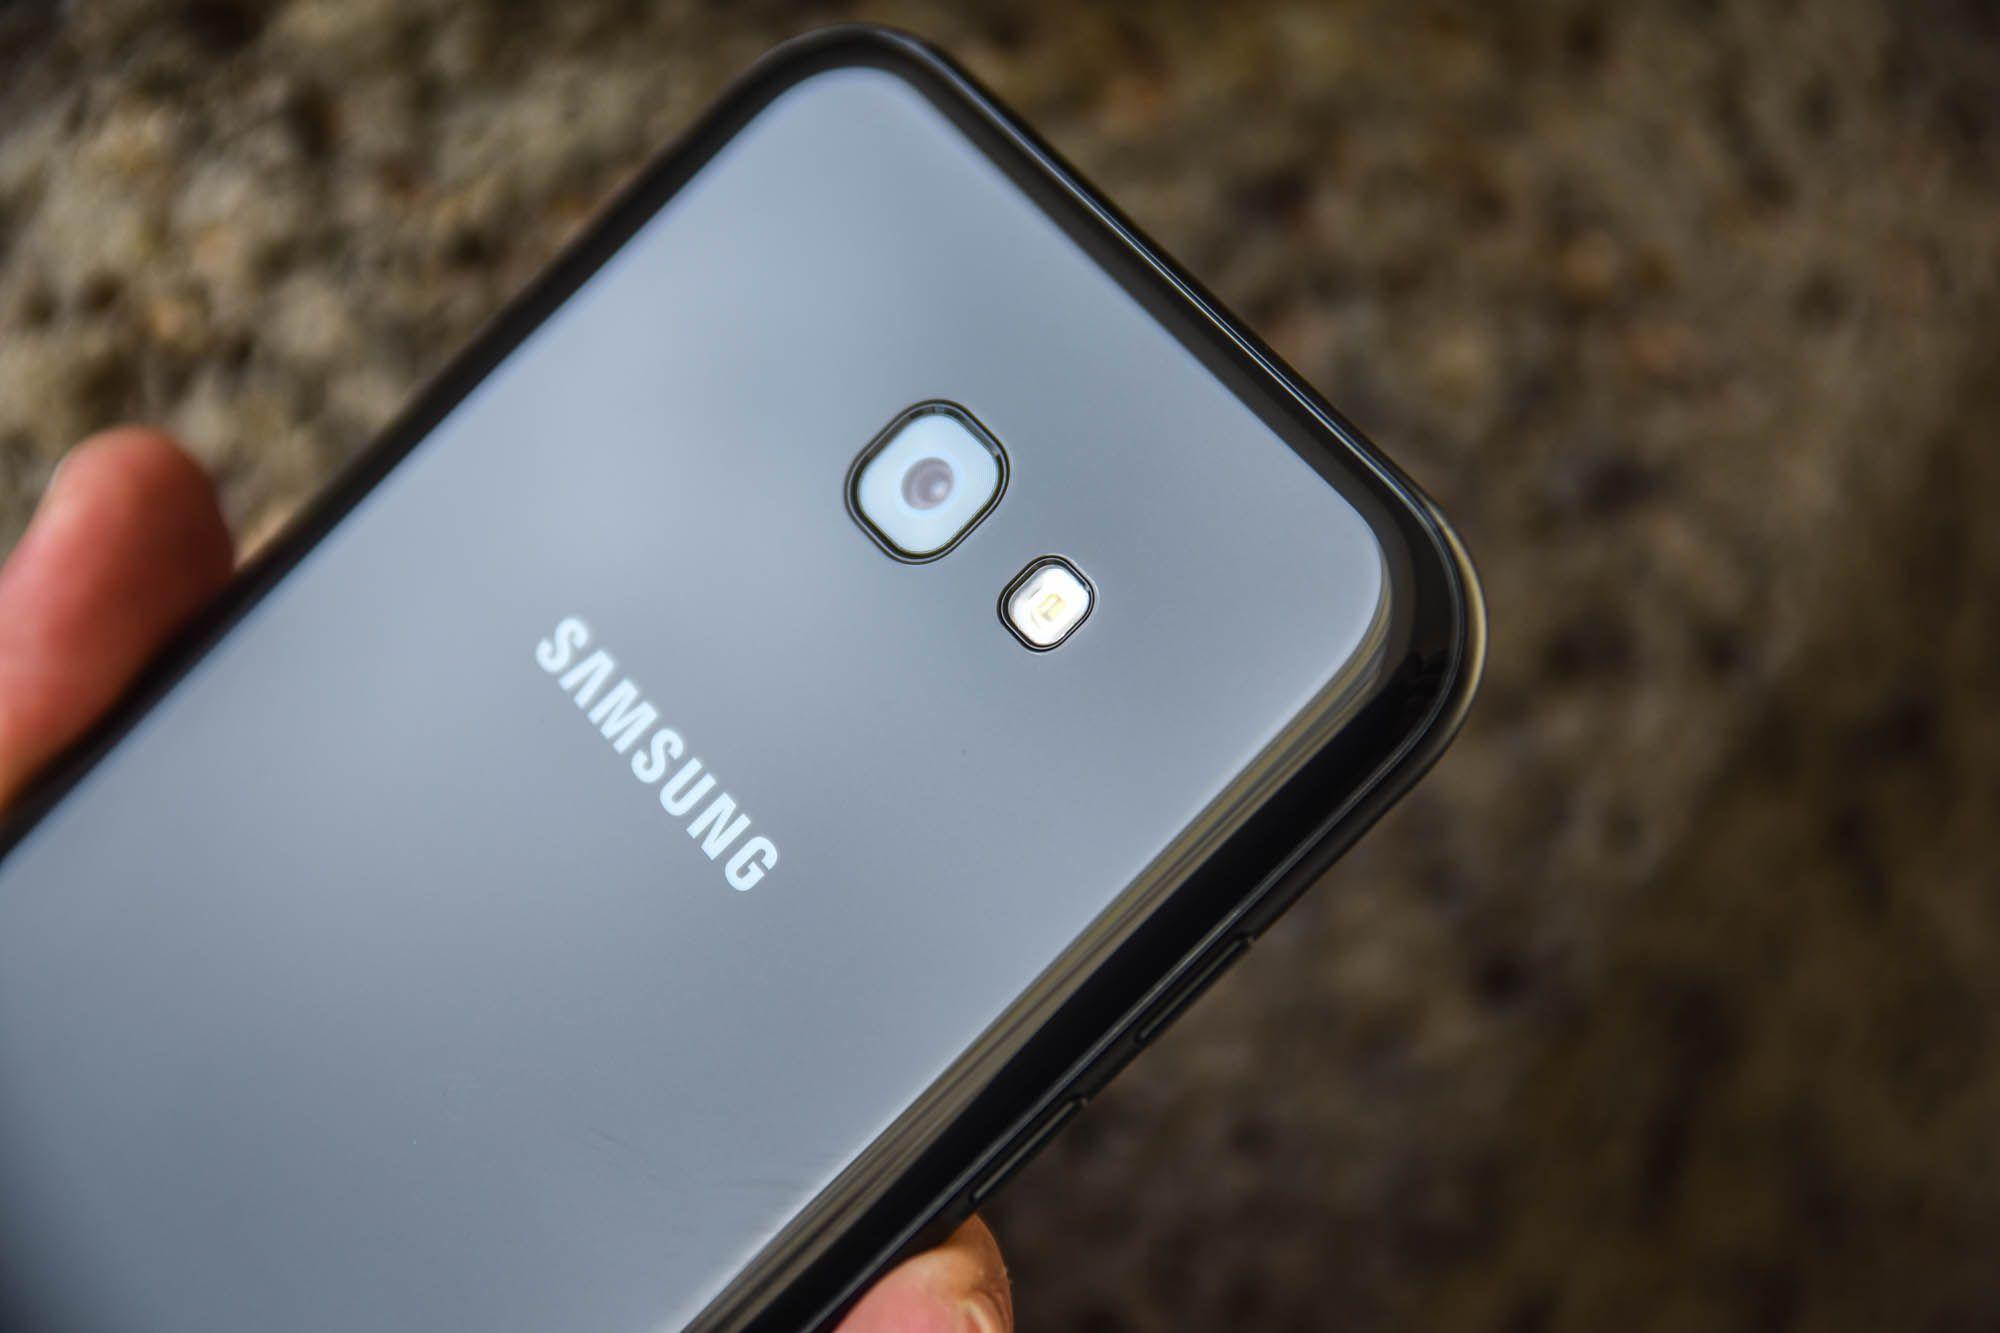 Samsung'un Android Go ile yeni mobil Oreo çalıştıracak 1